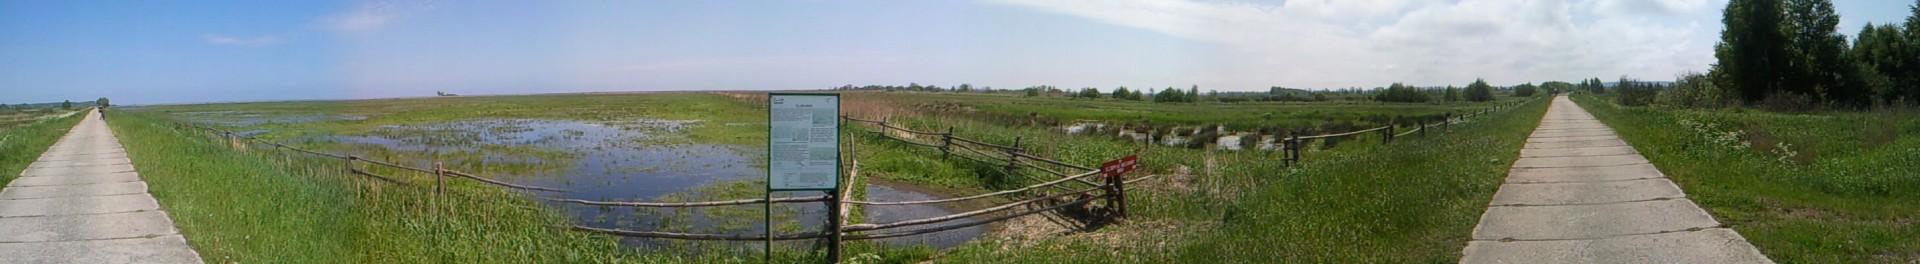 Rezerwat przyrody Beka, źródło: Wikipedia, autor: Arturbac